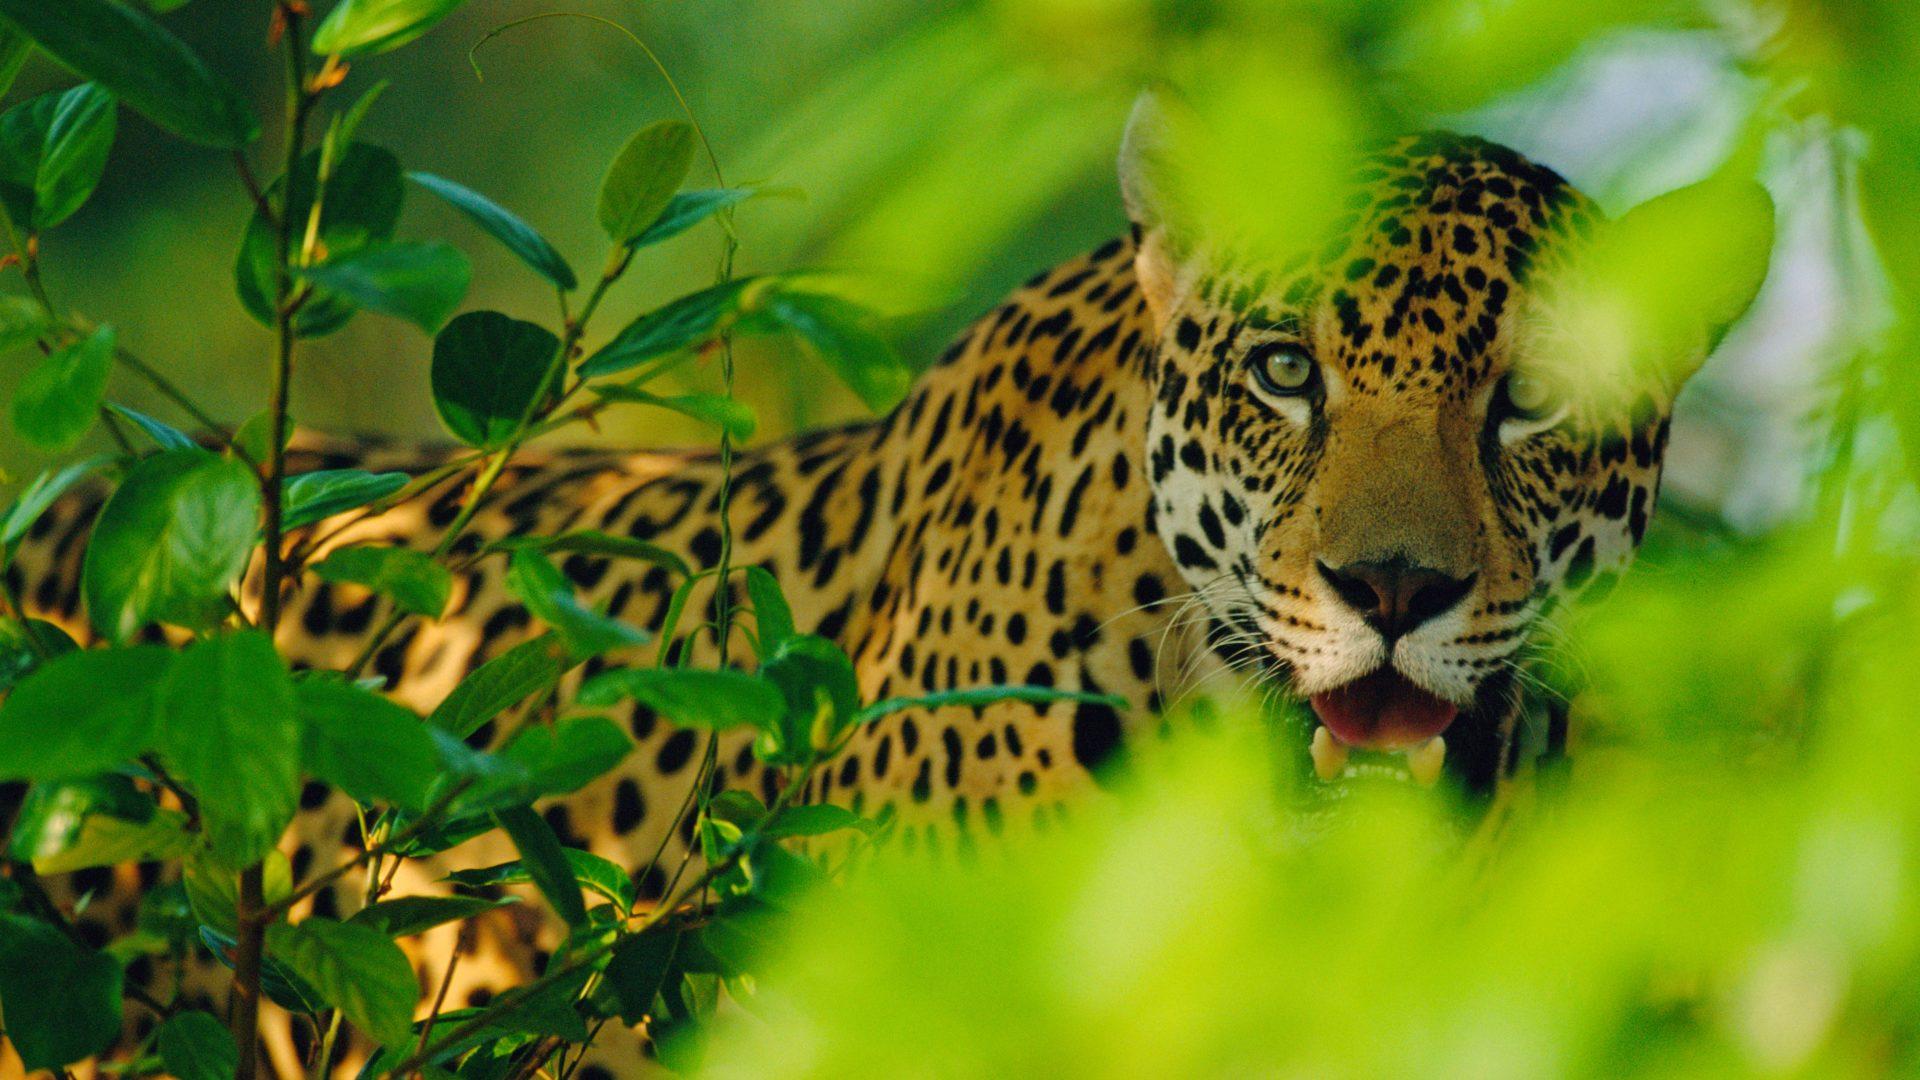 Warum sind Jaguare vom Aussterben bedroht? Und was ist das Besondere an ihnen?